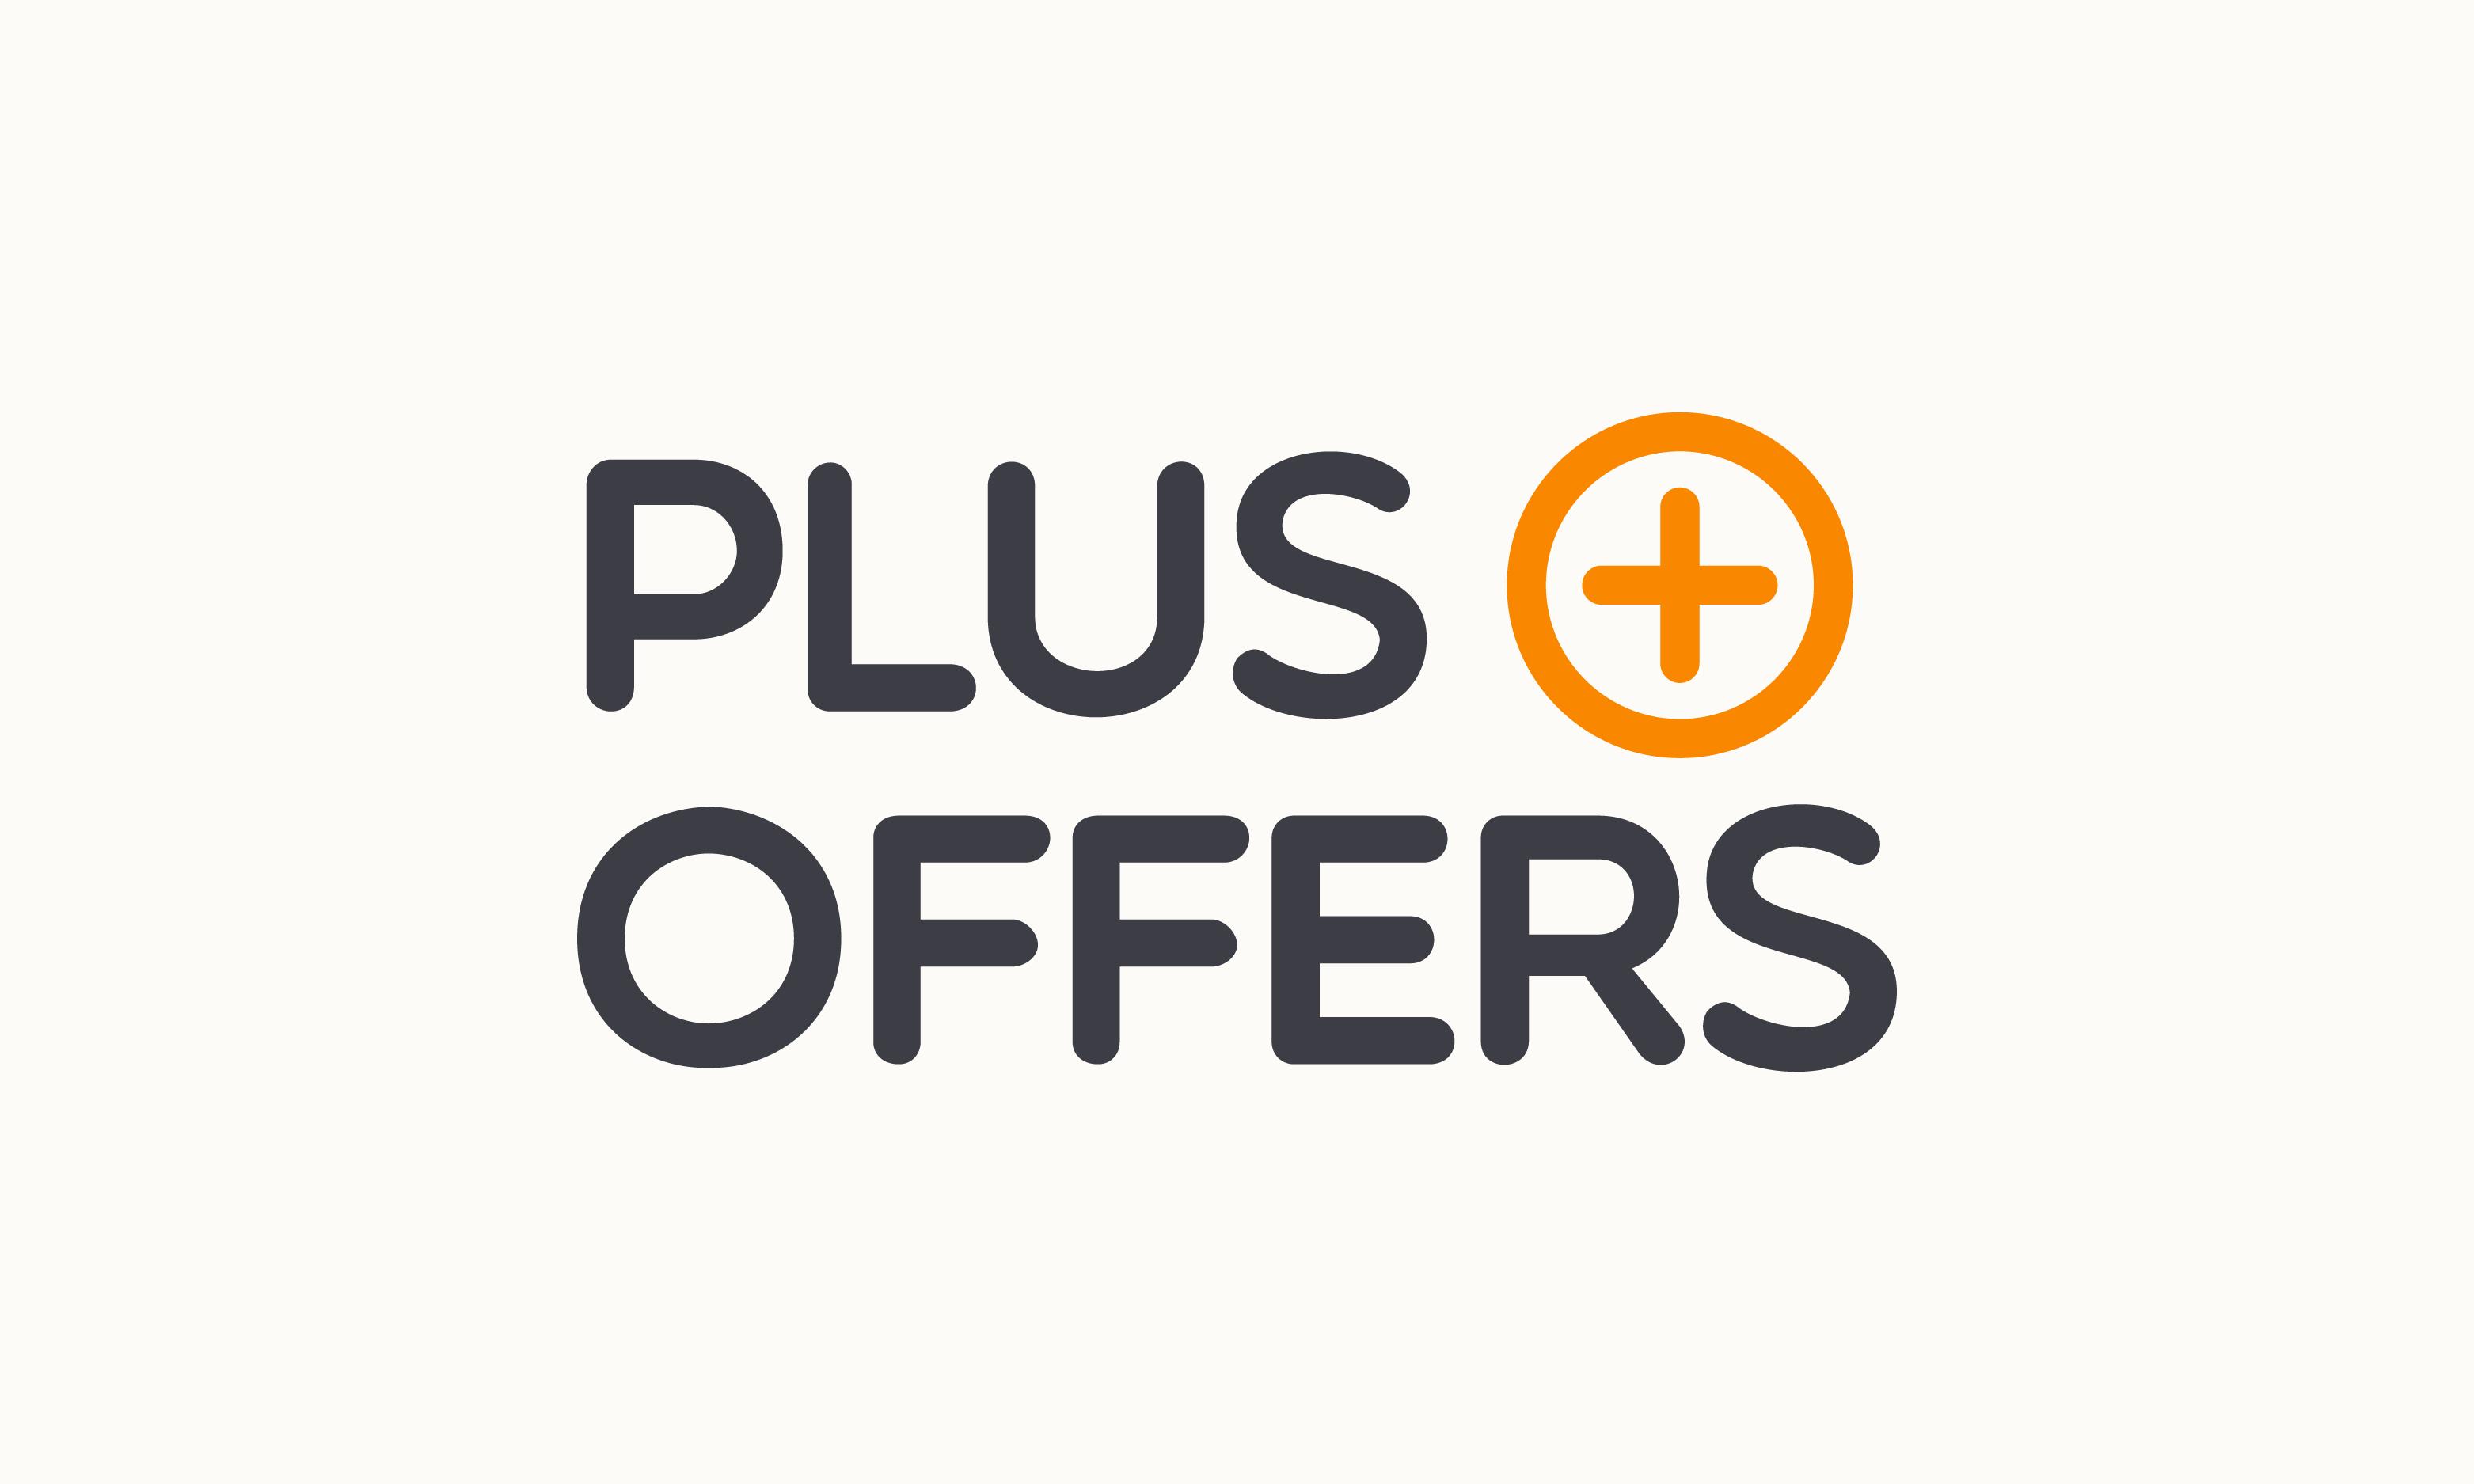 PlusOffers.com